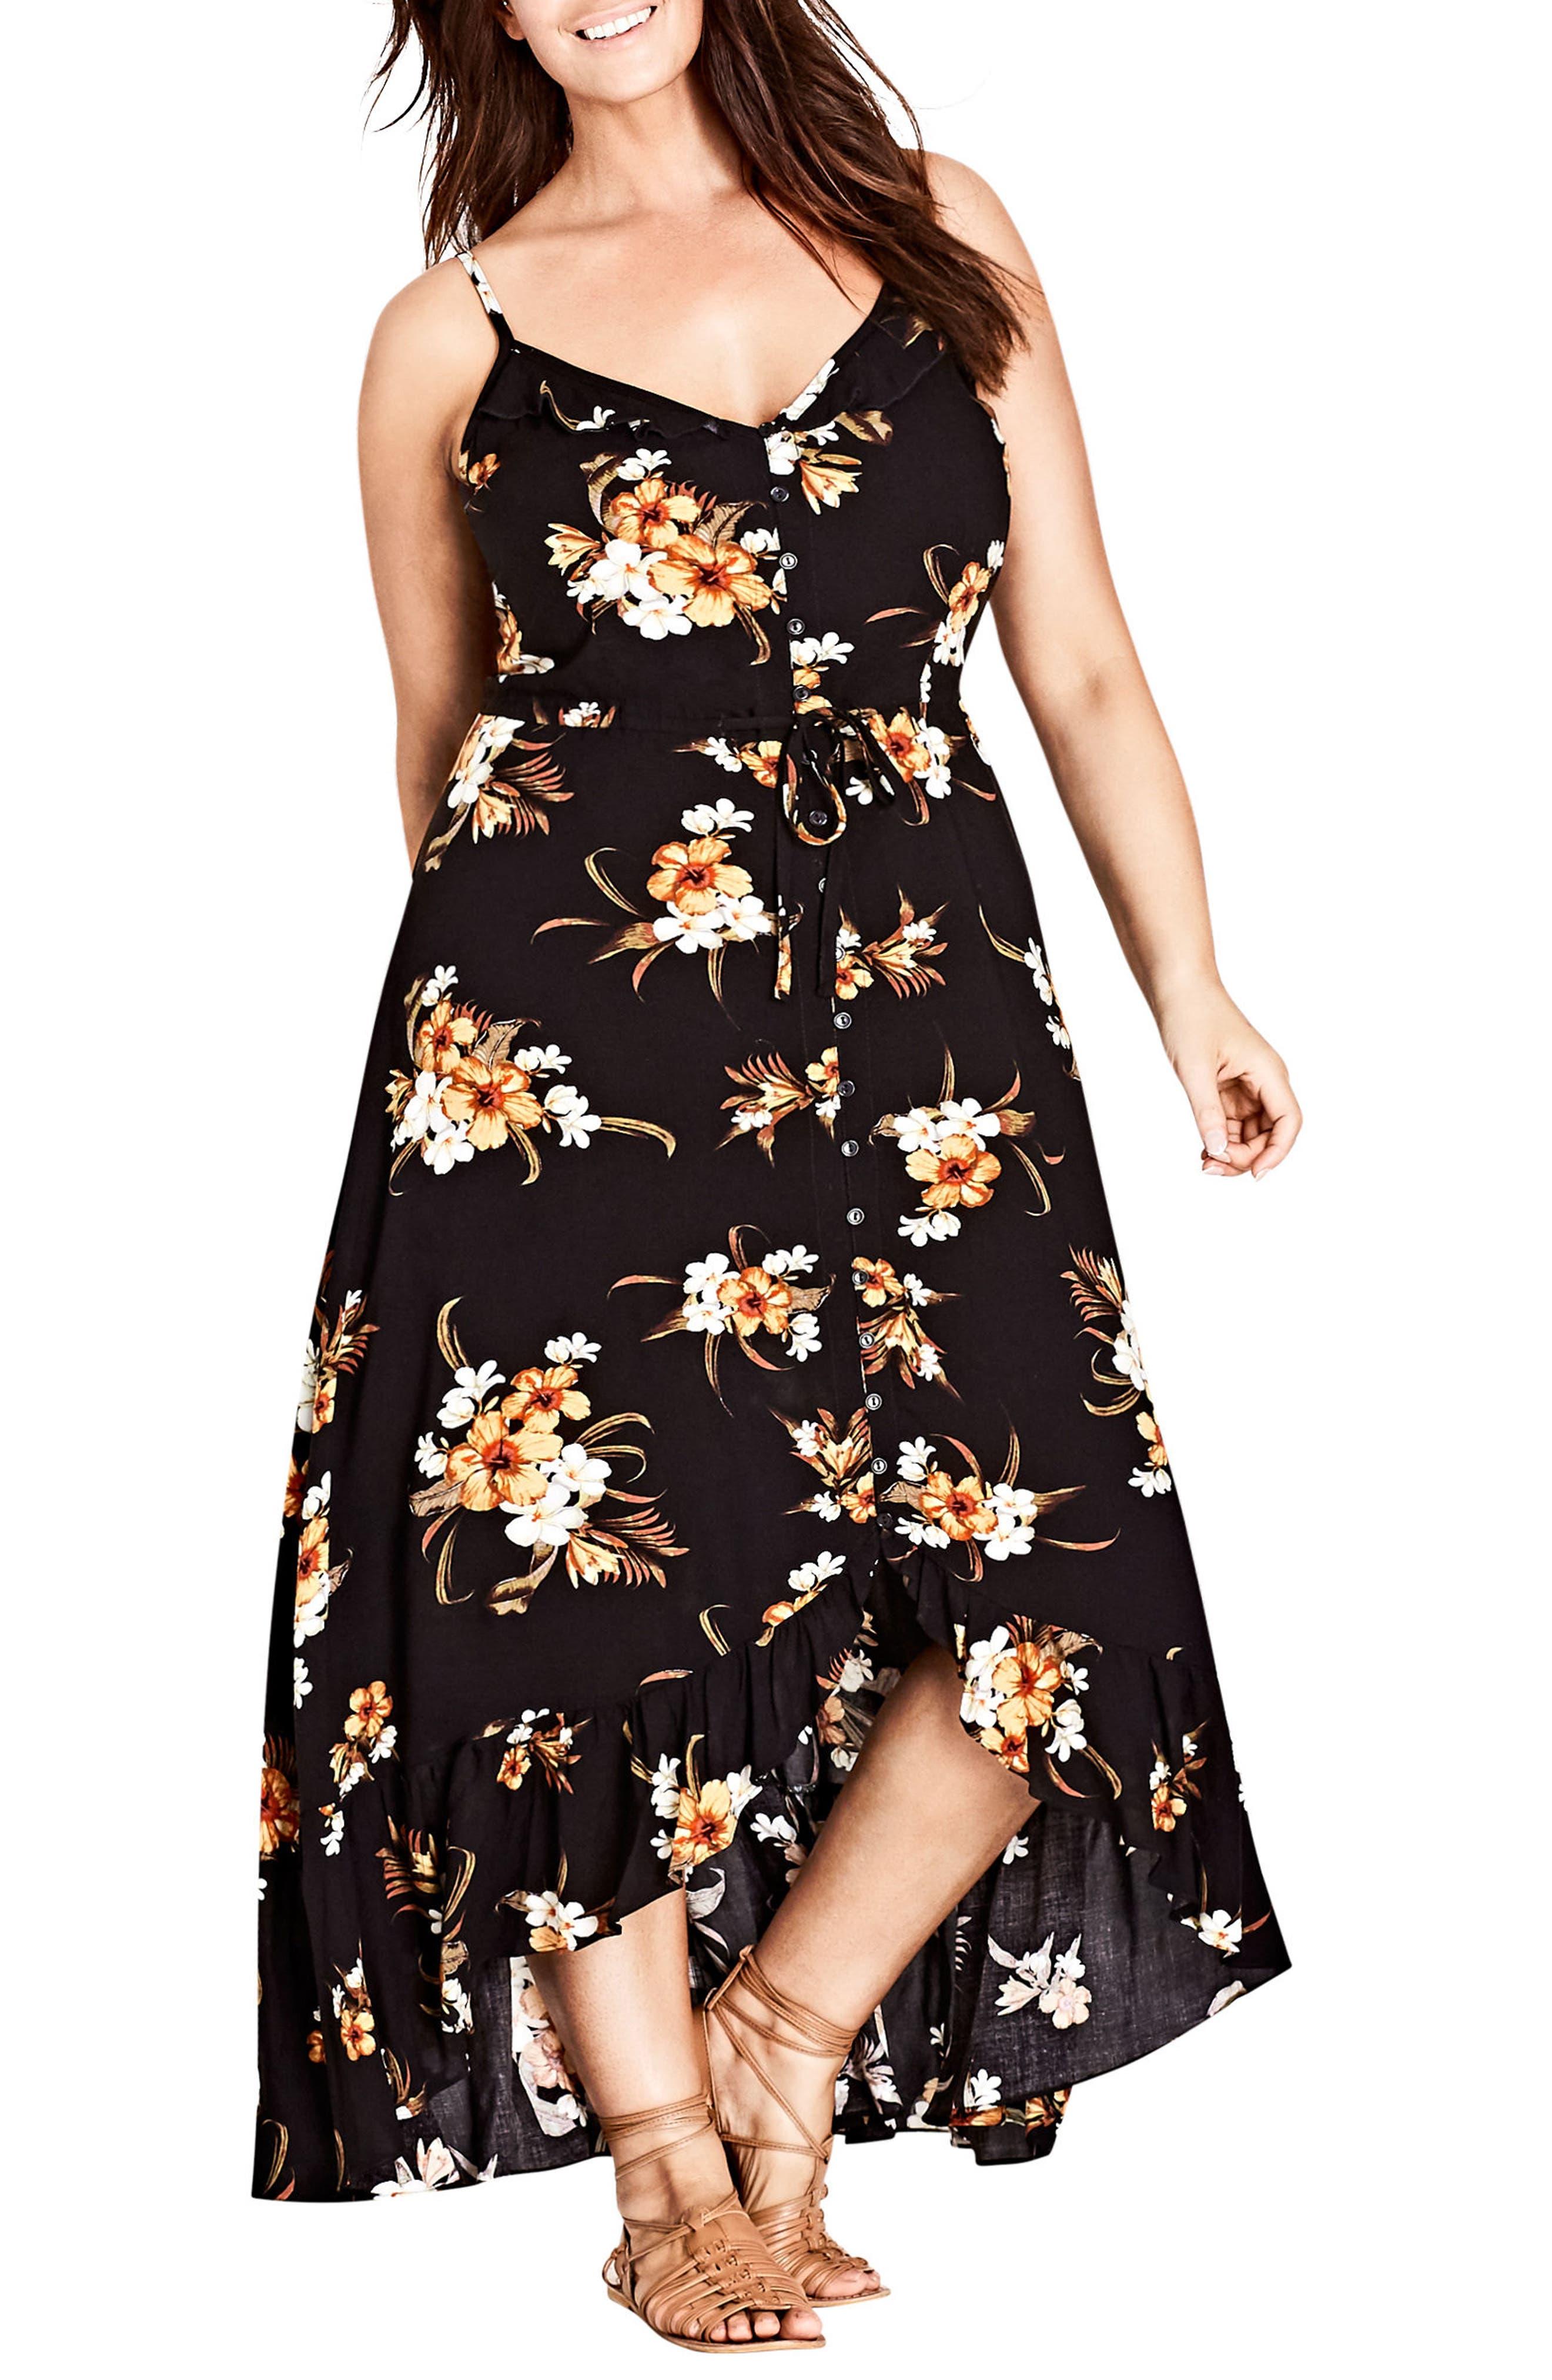 Plus Size City Chic Aruba Floral Maxi Dress, Black